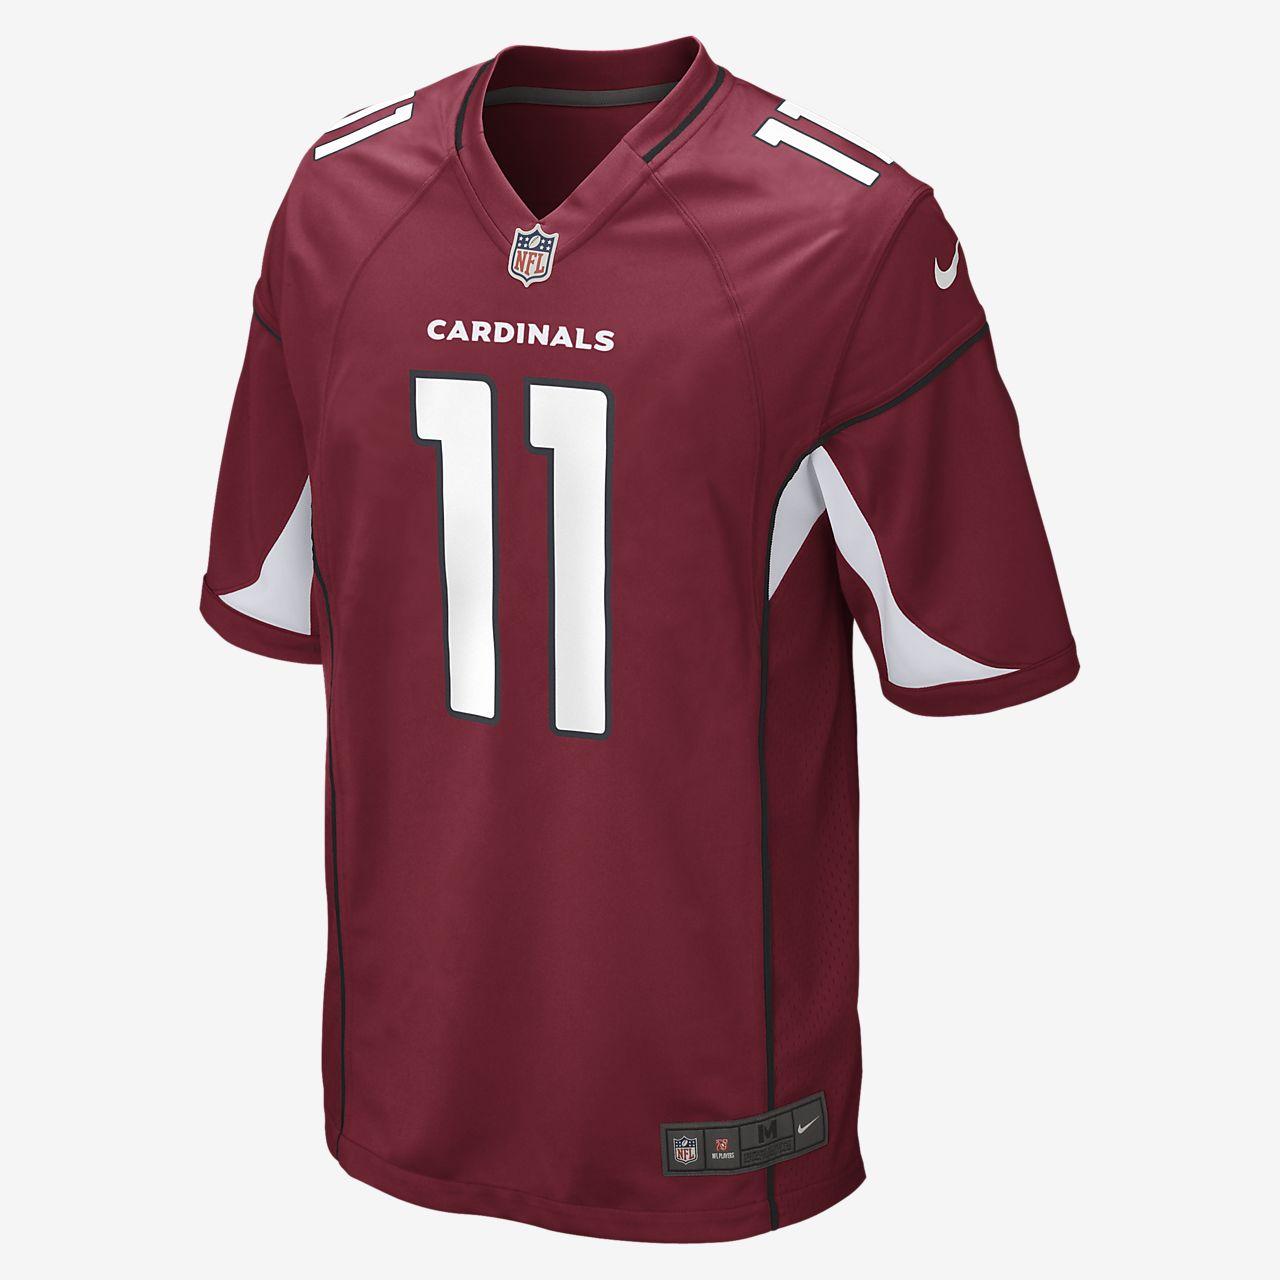 Męska koszulka meczowa do futbolu amerykańskiego NFL Arizona Cardinals (Larry Fitzgerald)